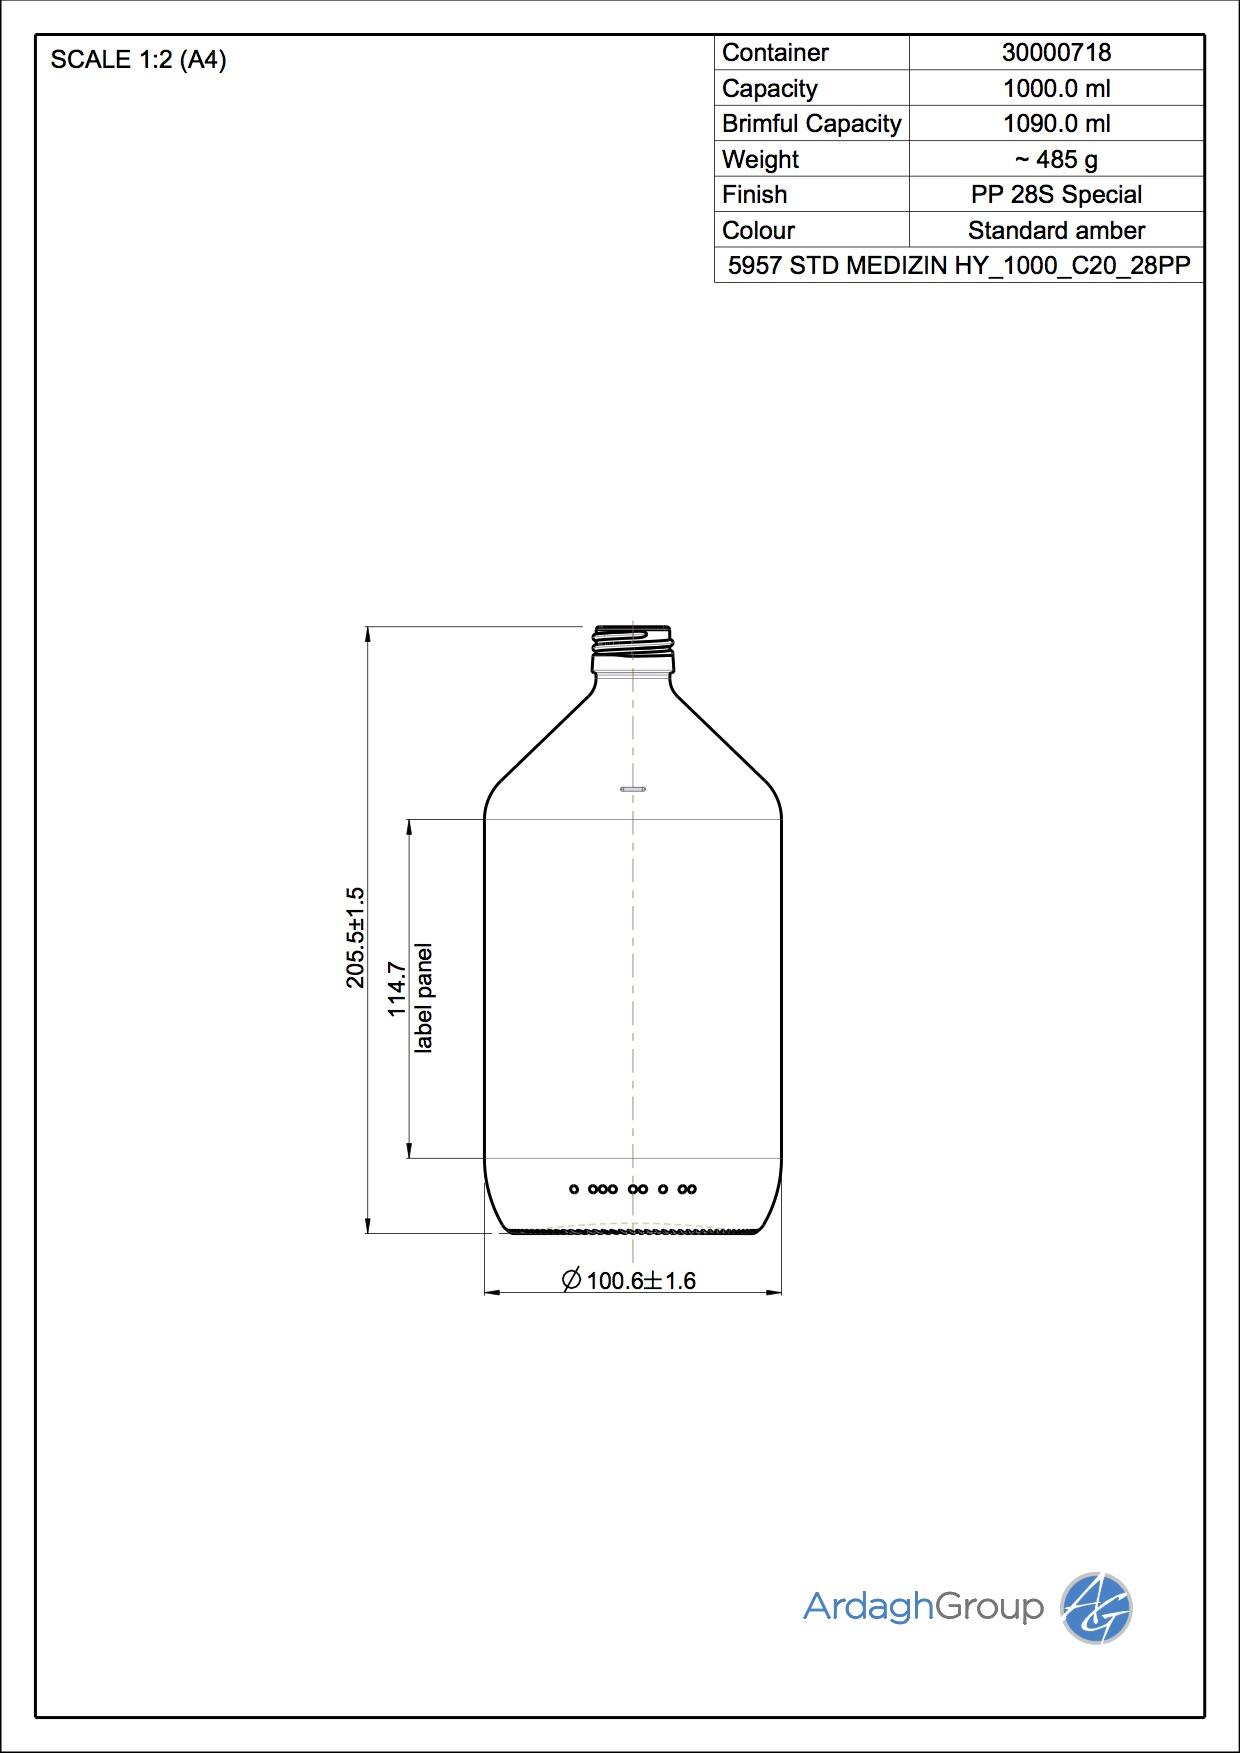 5957 STD MEDIZIN HY 1000 C20 28PP